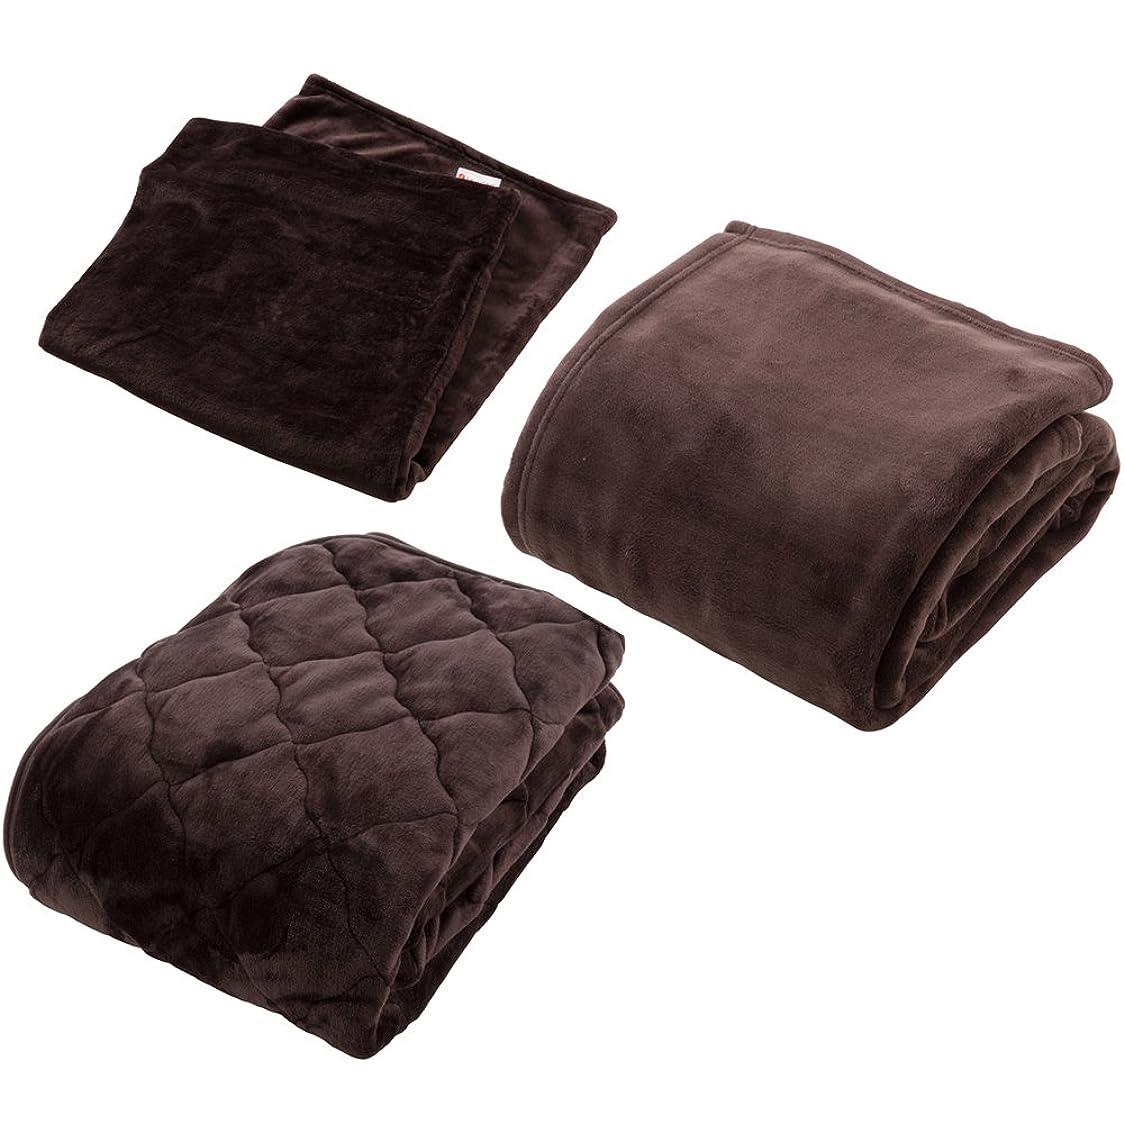 ファーザーファージュ静かに聖職者【同色セット】mofua×fondan プレミアムマイクロファイバー 毛布?敷パッド?枕カバー シングル ダークブラウン